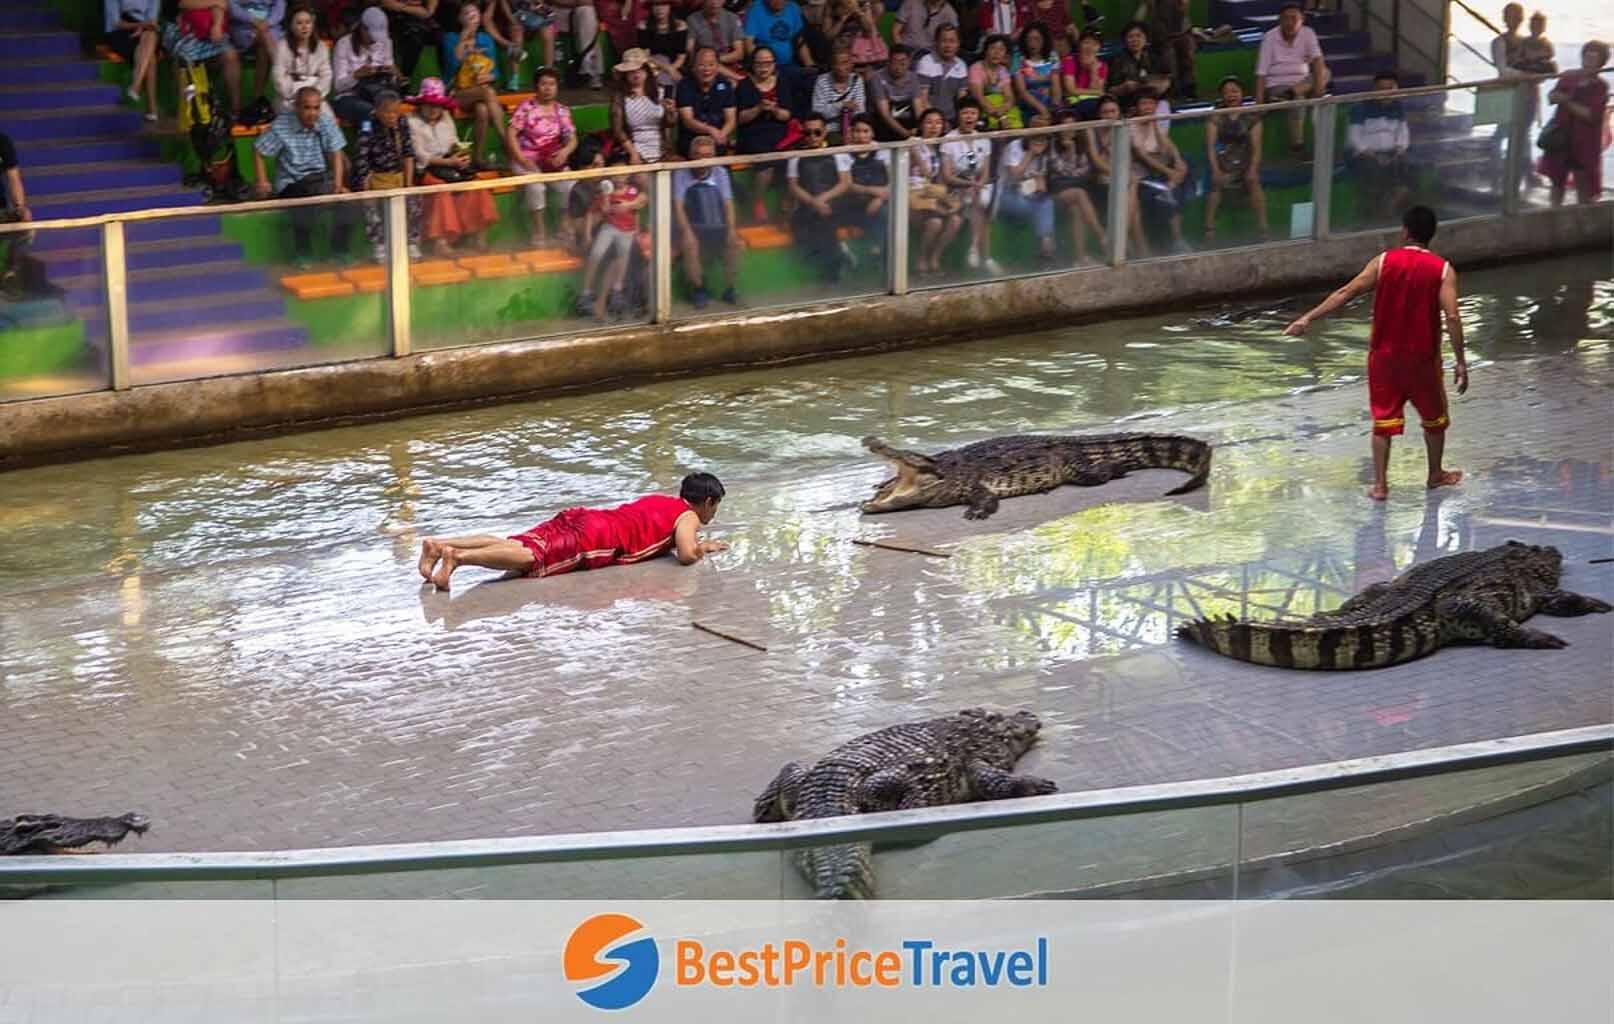 Chương trình biểu diễn đặc biệt - bắt cá sấu bắng tay không